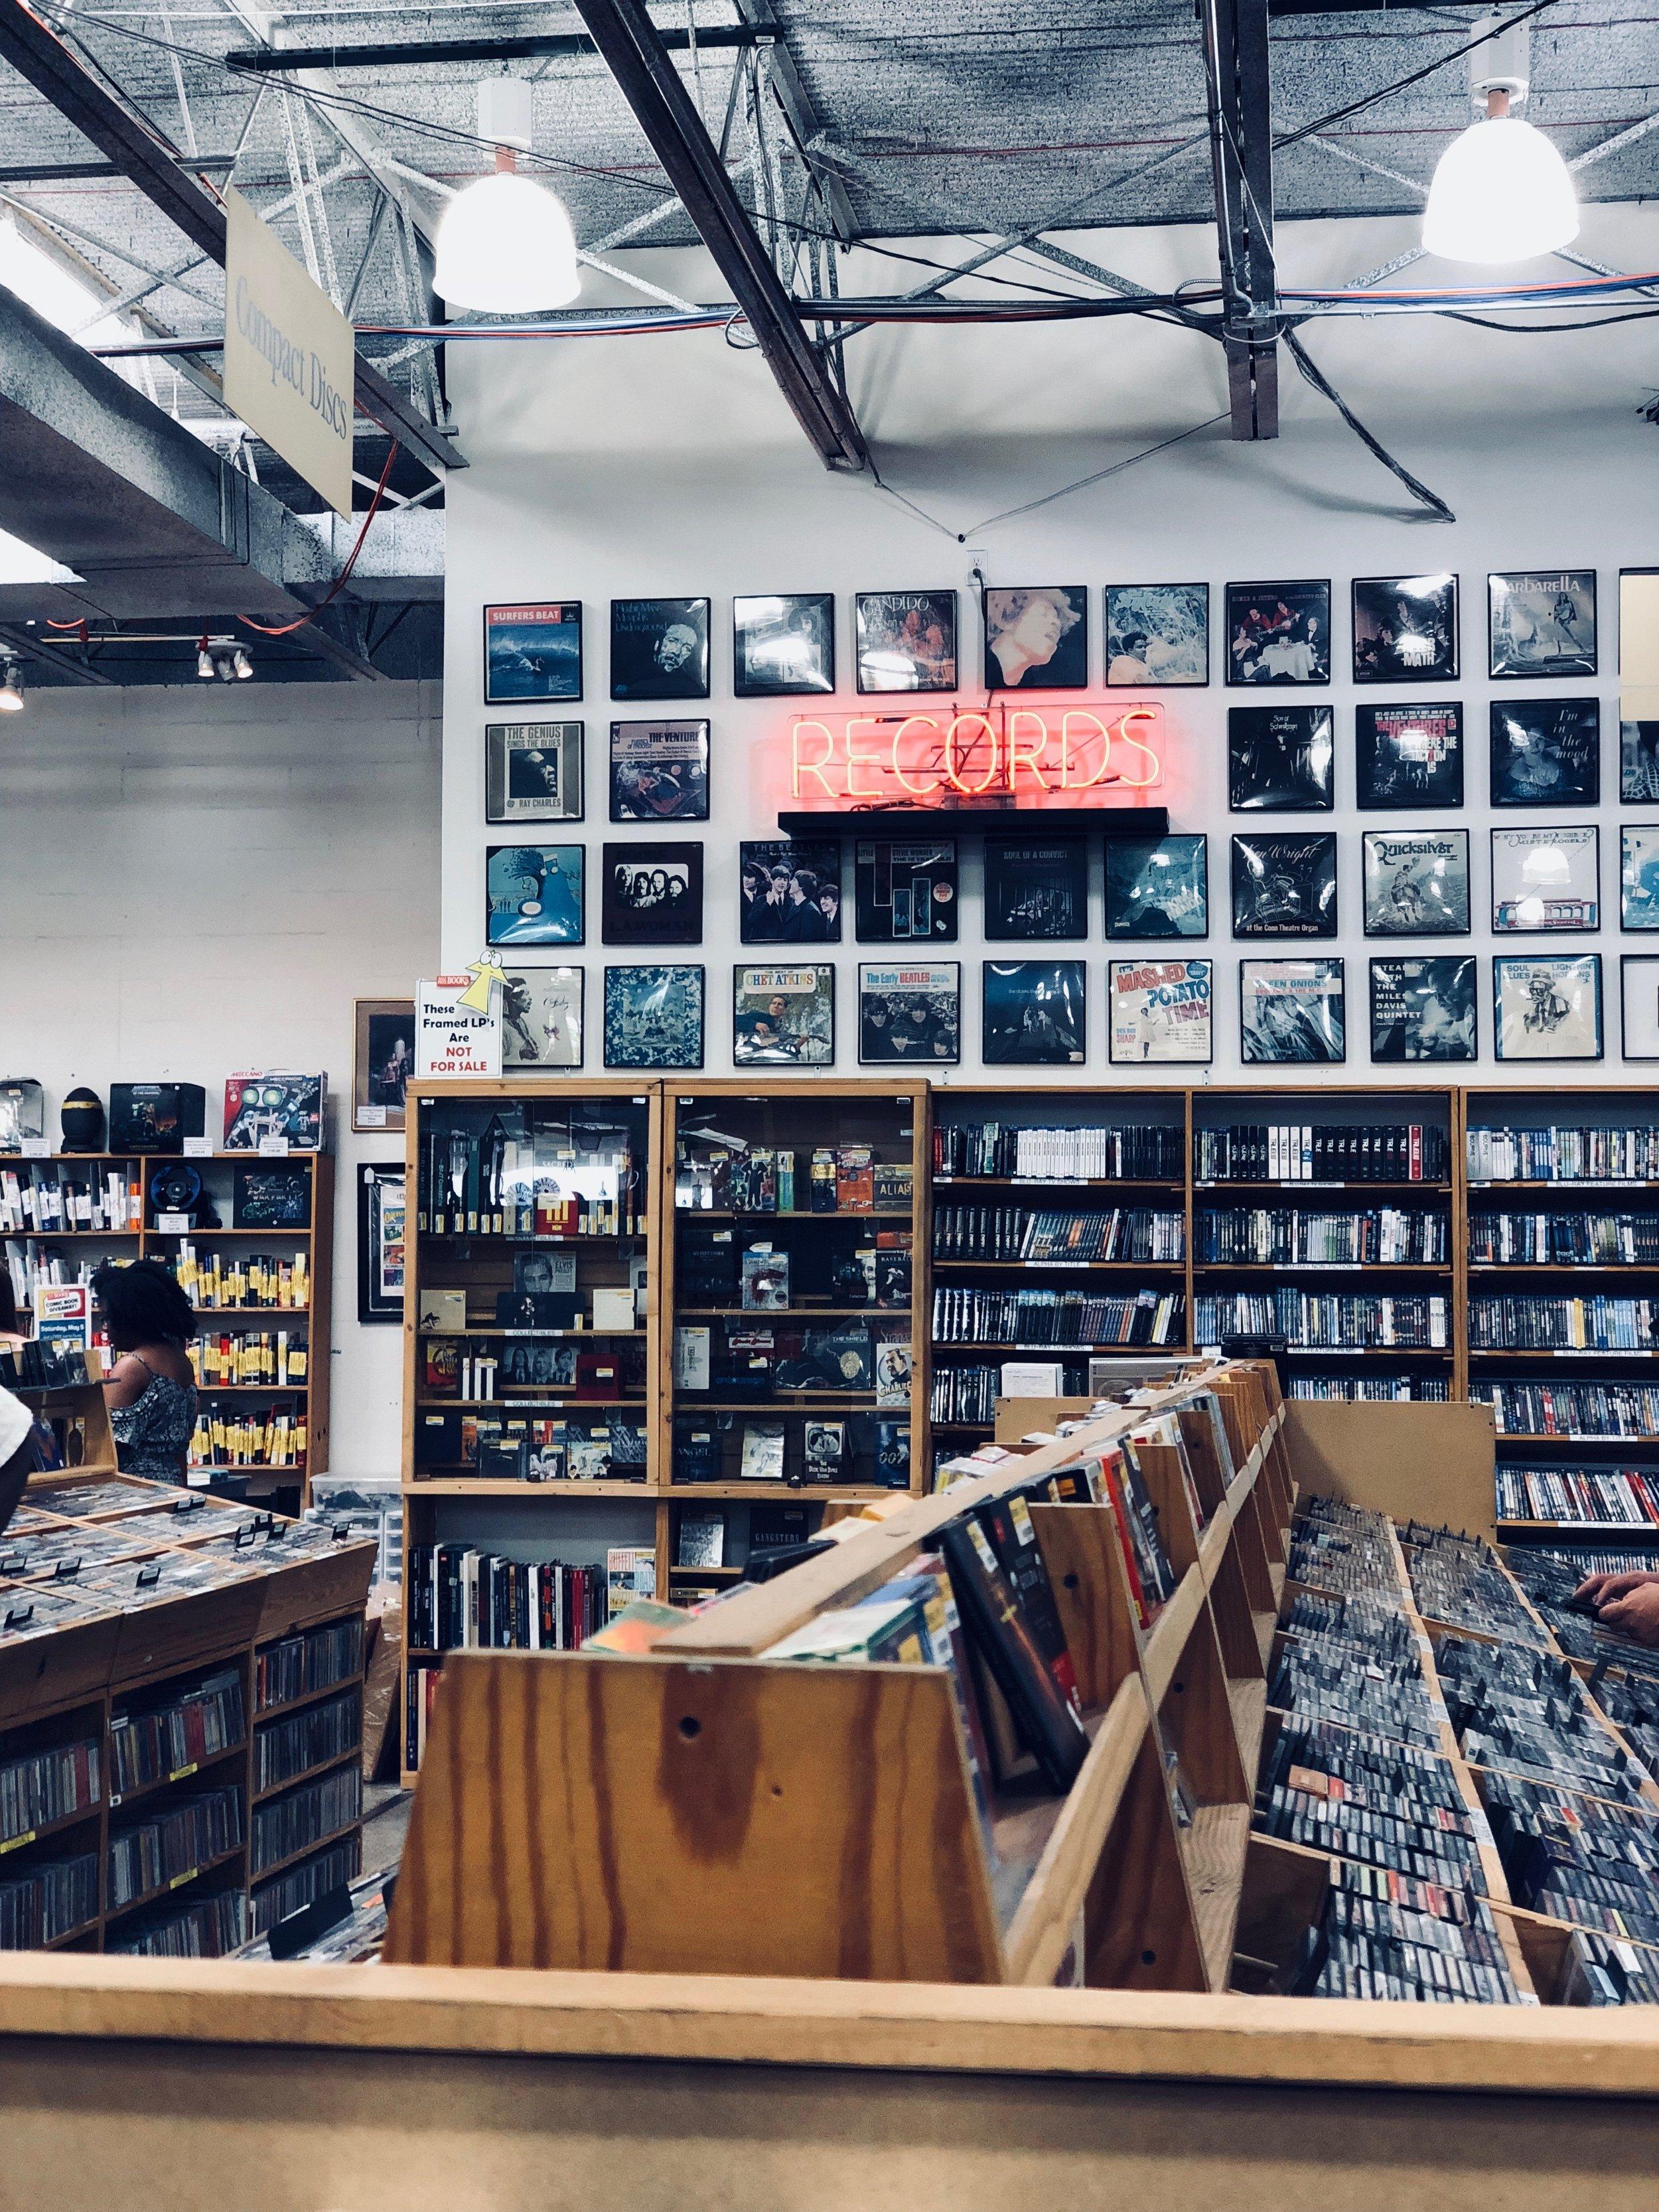 Neon RECORDS sign in record store in Dallas